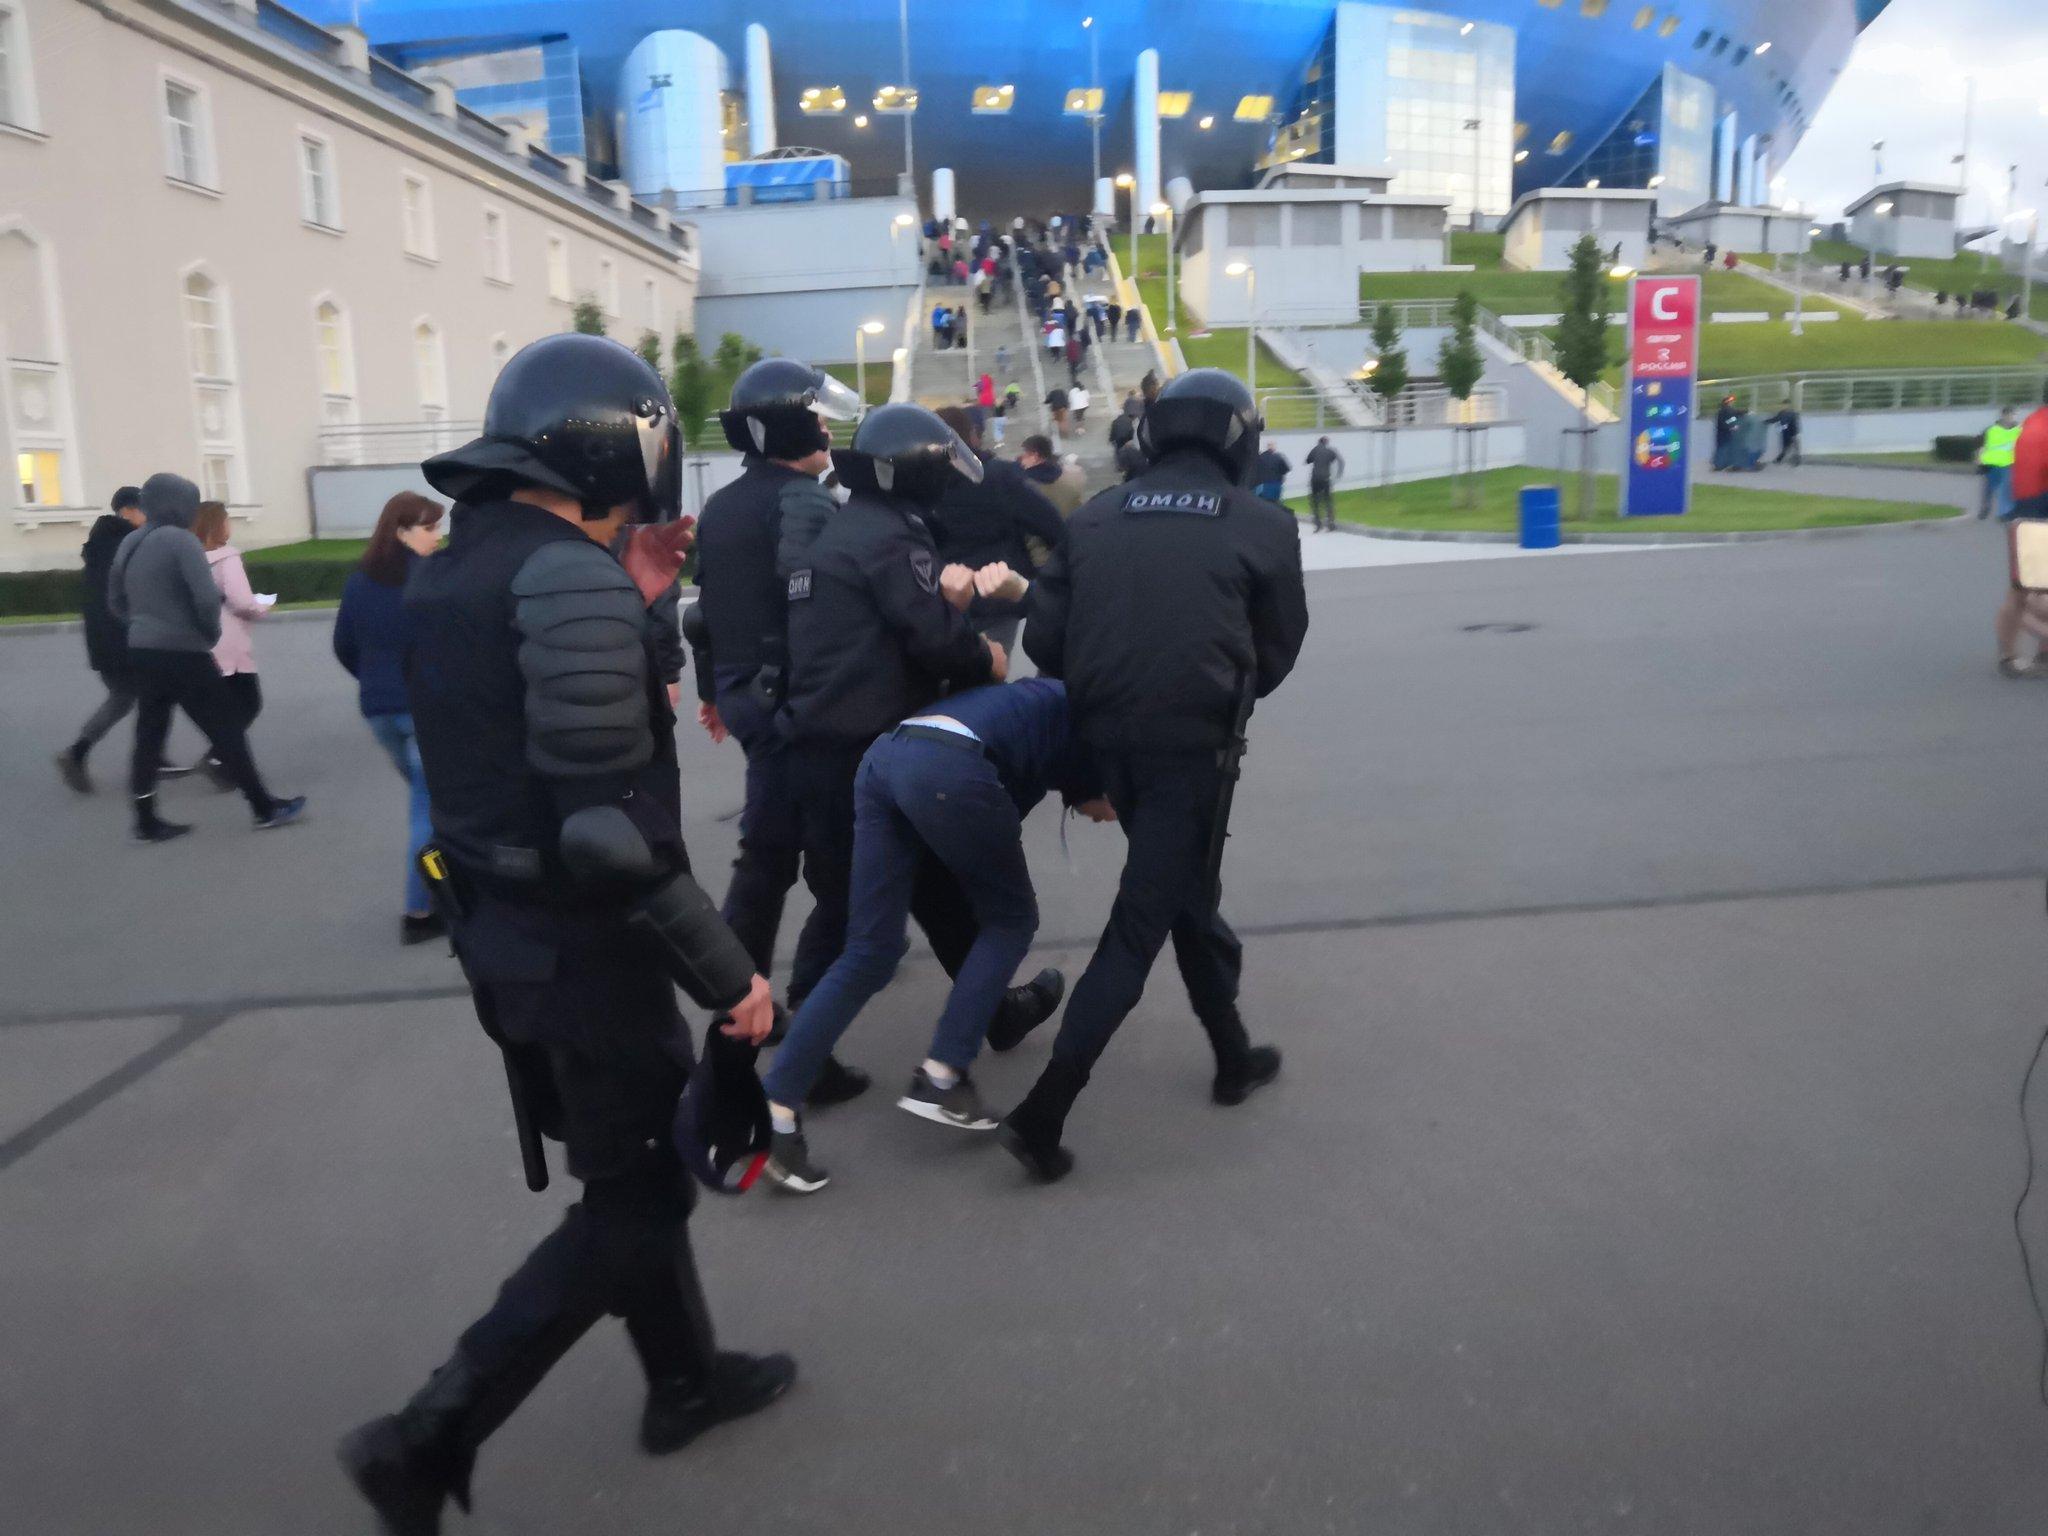 На «Газпром Арене» произошел инцидент между ОМОНом и фанатами. «Зенит» выступил с заявлением - фото